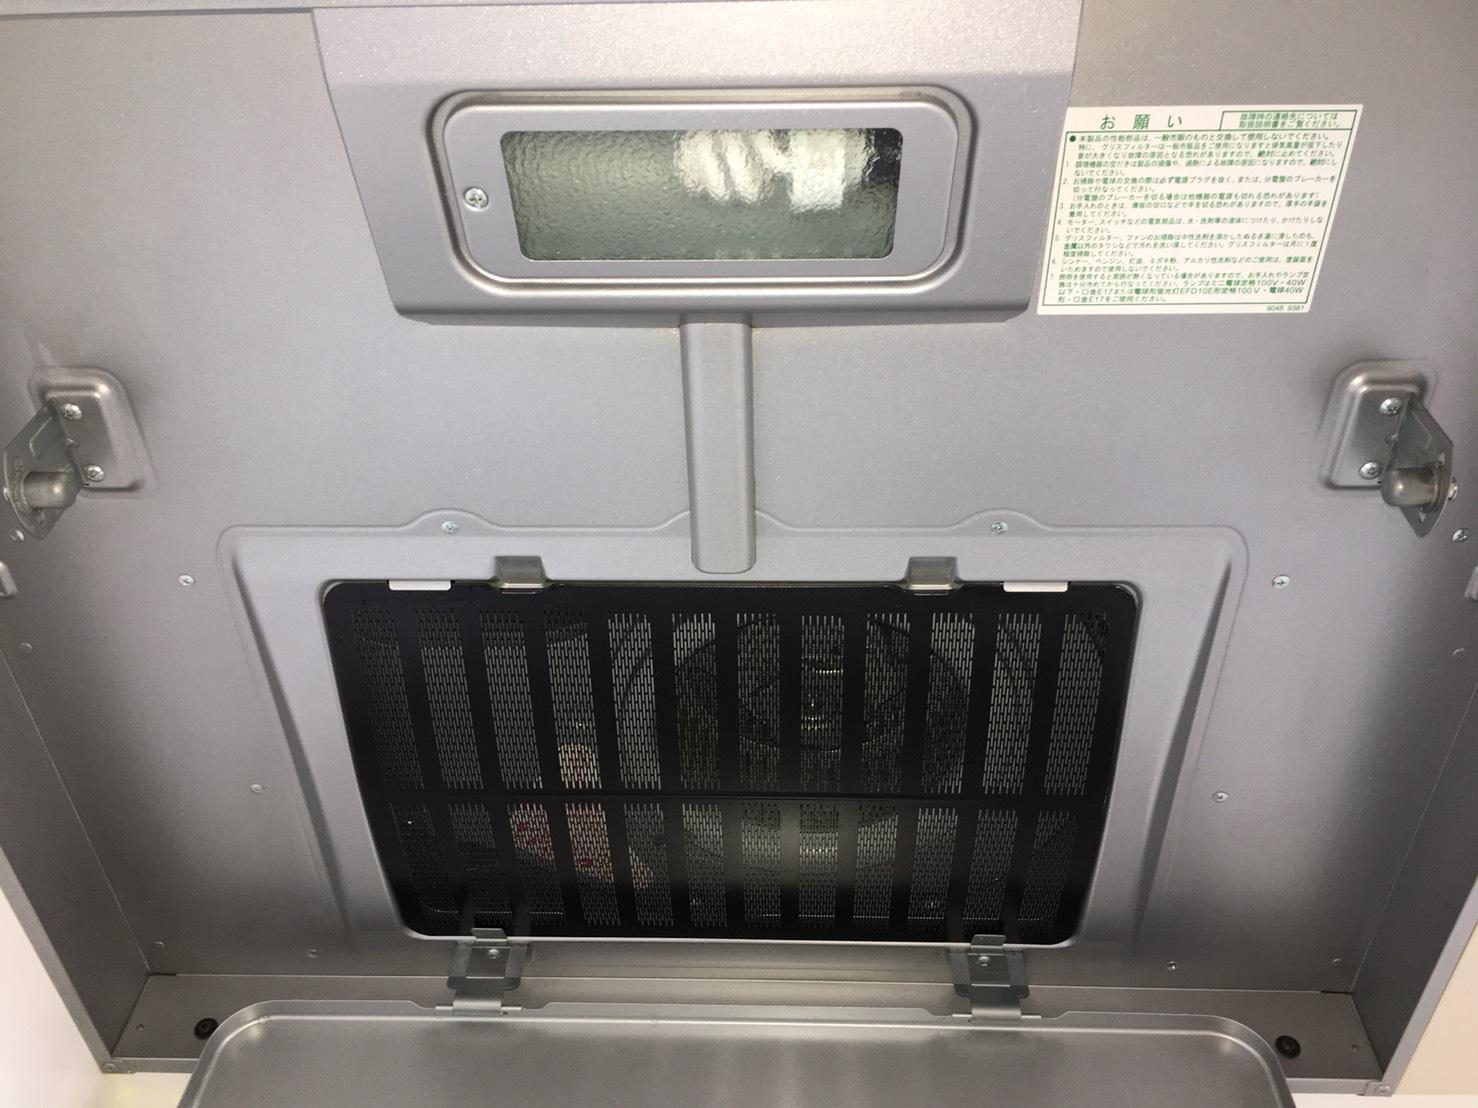 宝塚市 台所「換気扇フィルター」クリーニング ハウスクリーニング おそうじ/おそうじプラス